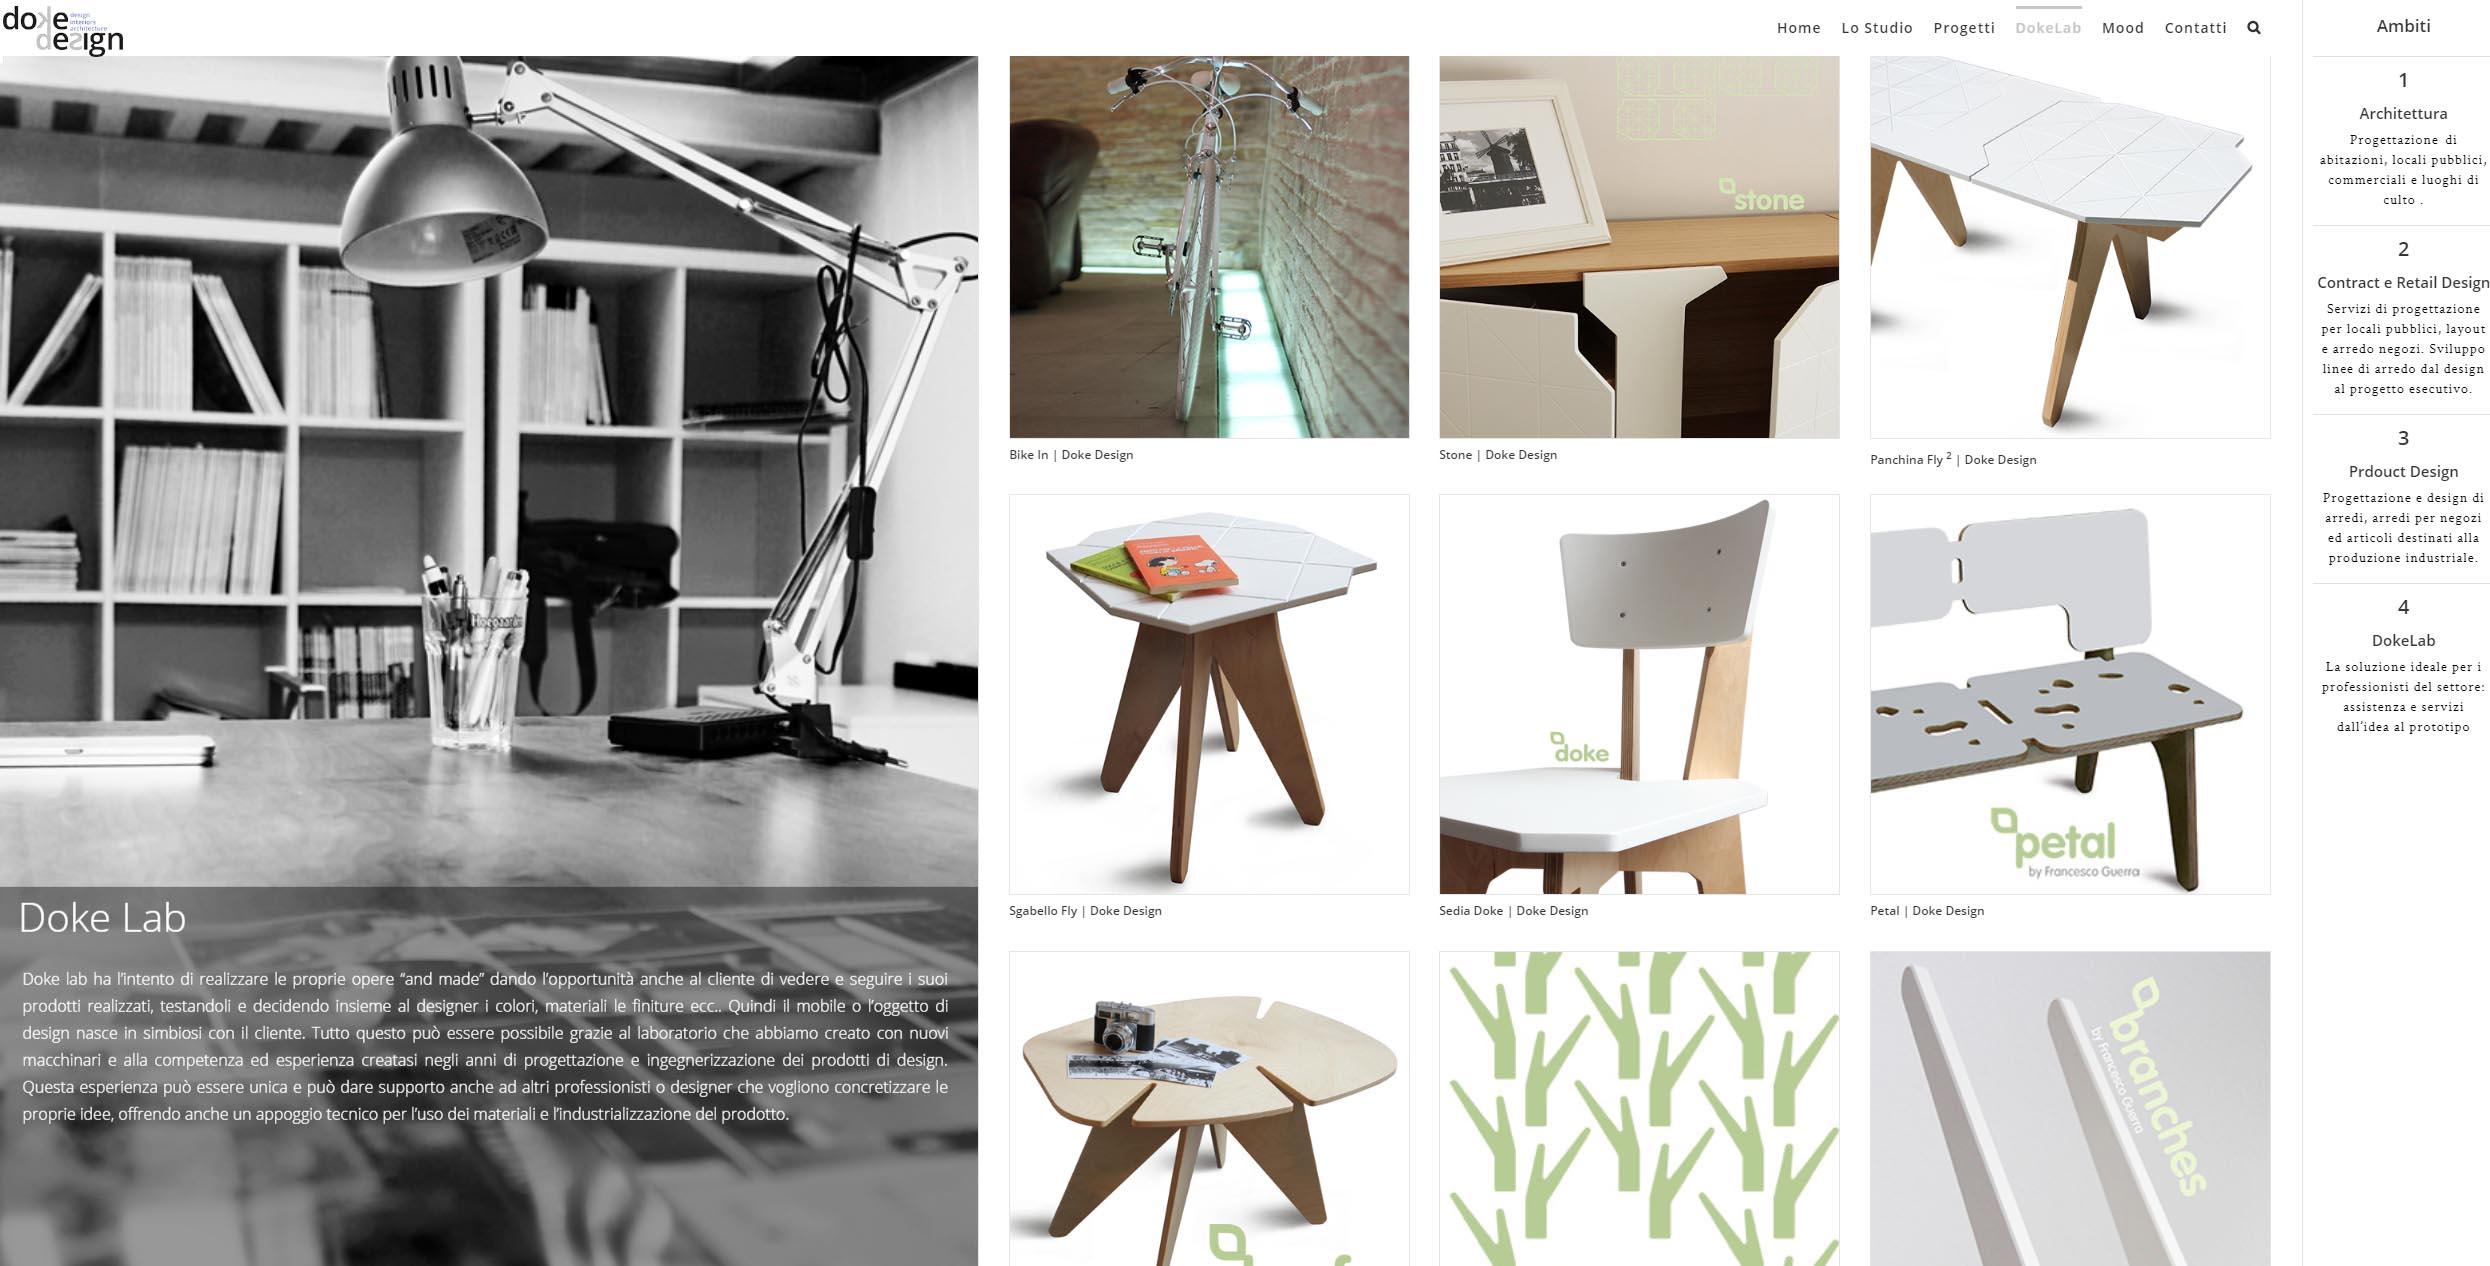 Realizzazione siti internet| Redlab per Doke Design